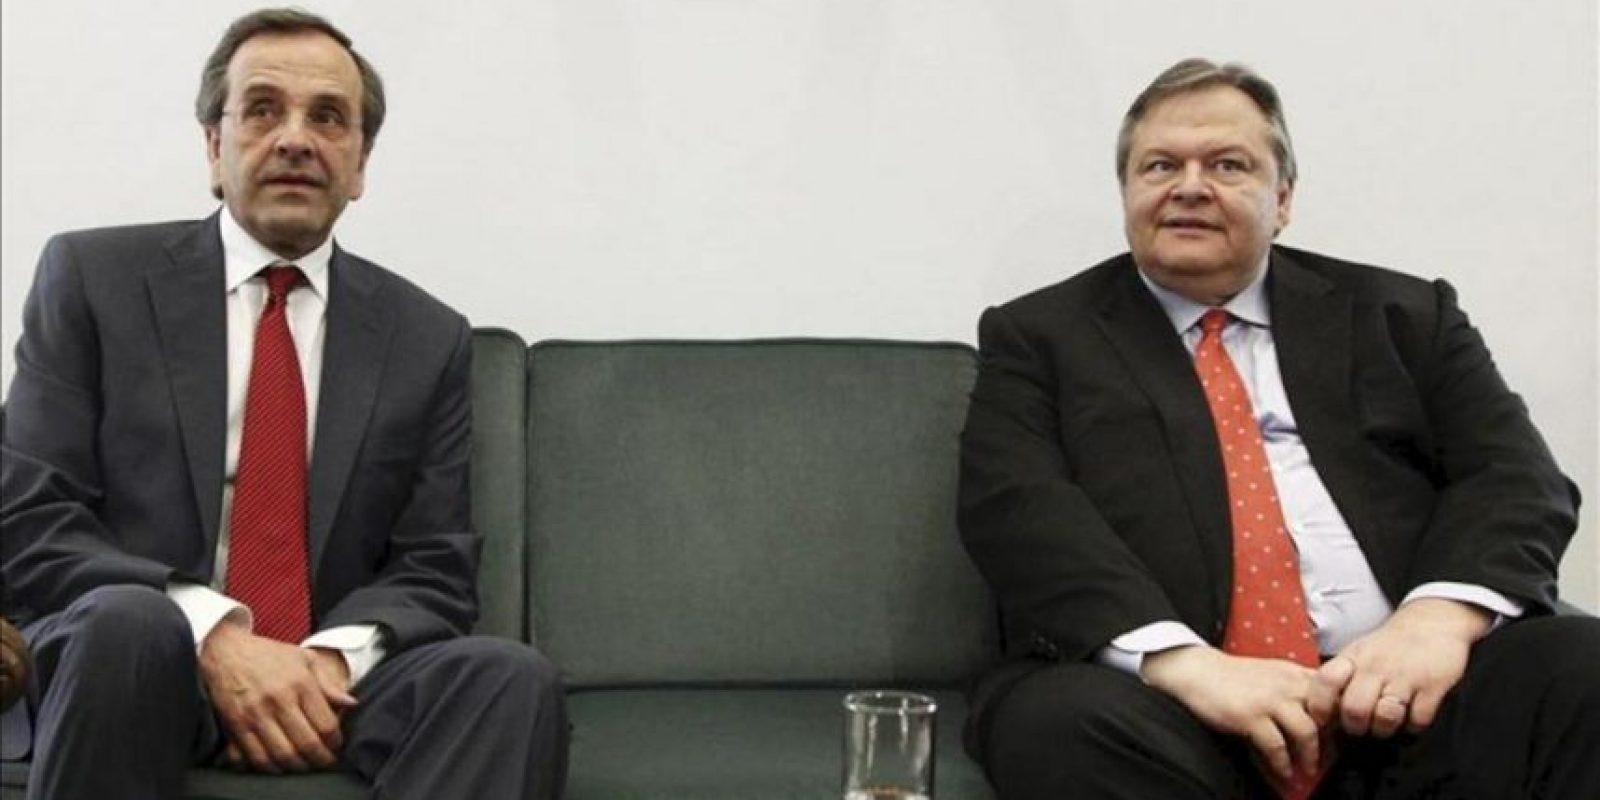 El líder de Nueva Democracia griega (ND), Antonis Samarás (i), se reúne con el líder del partido socialista griego (Pasok), Evangelos Venizelos. EFE